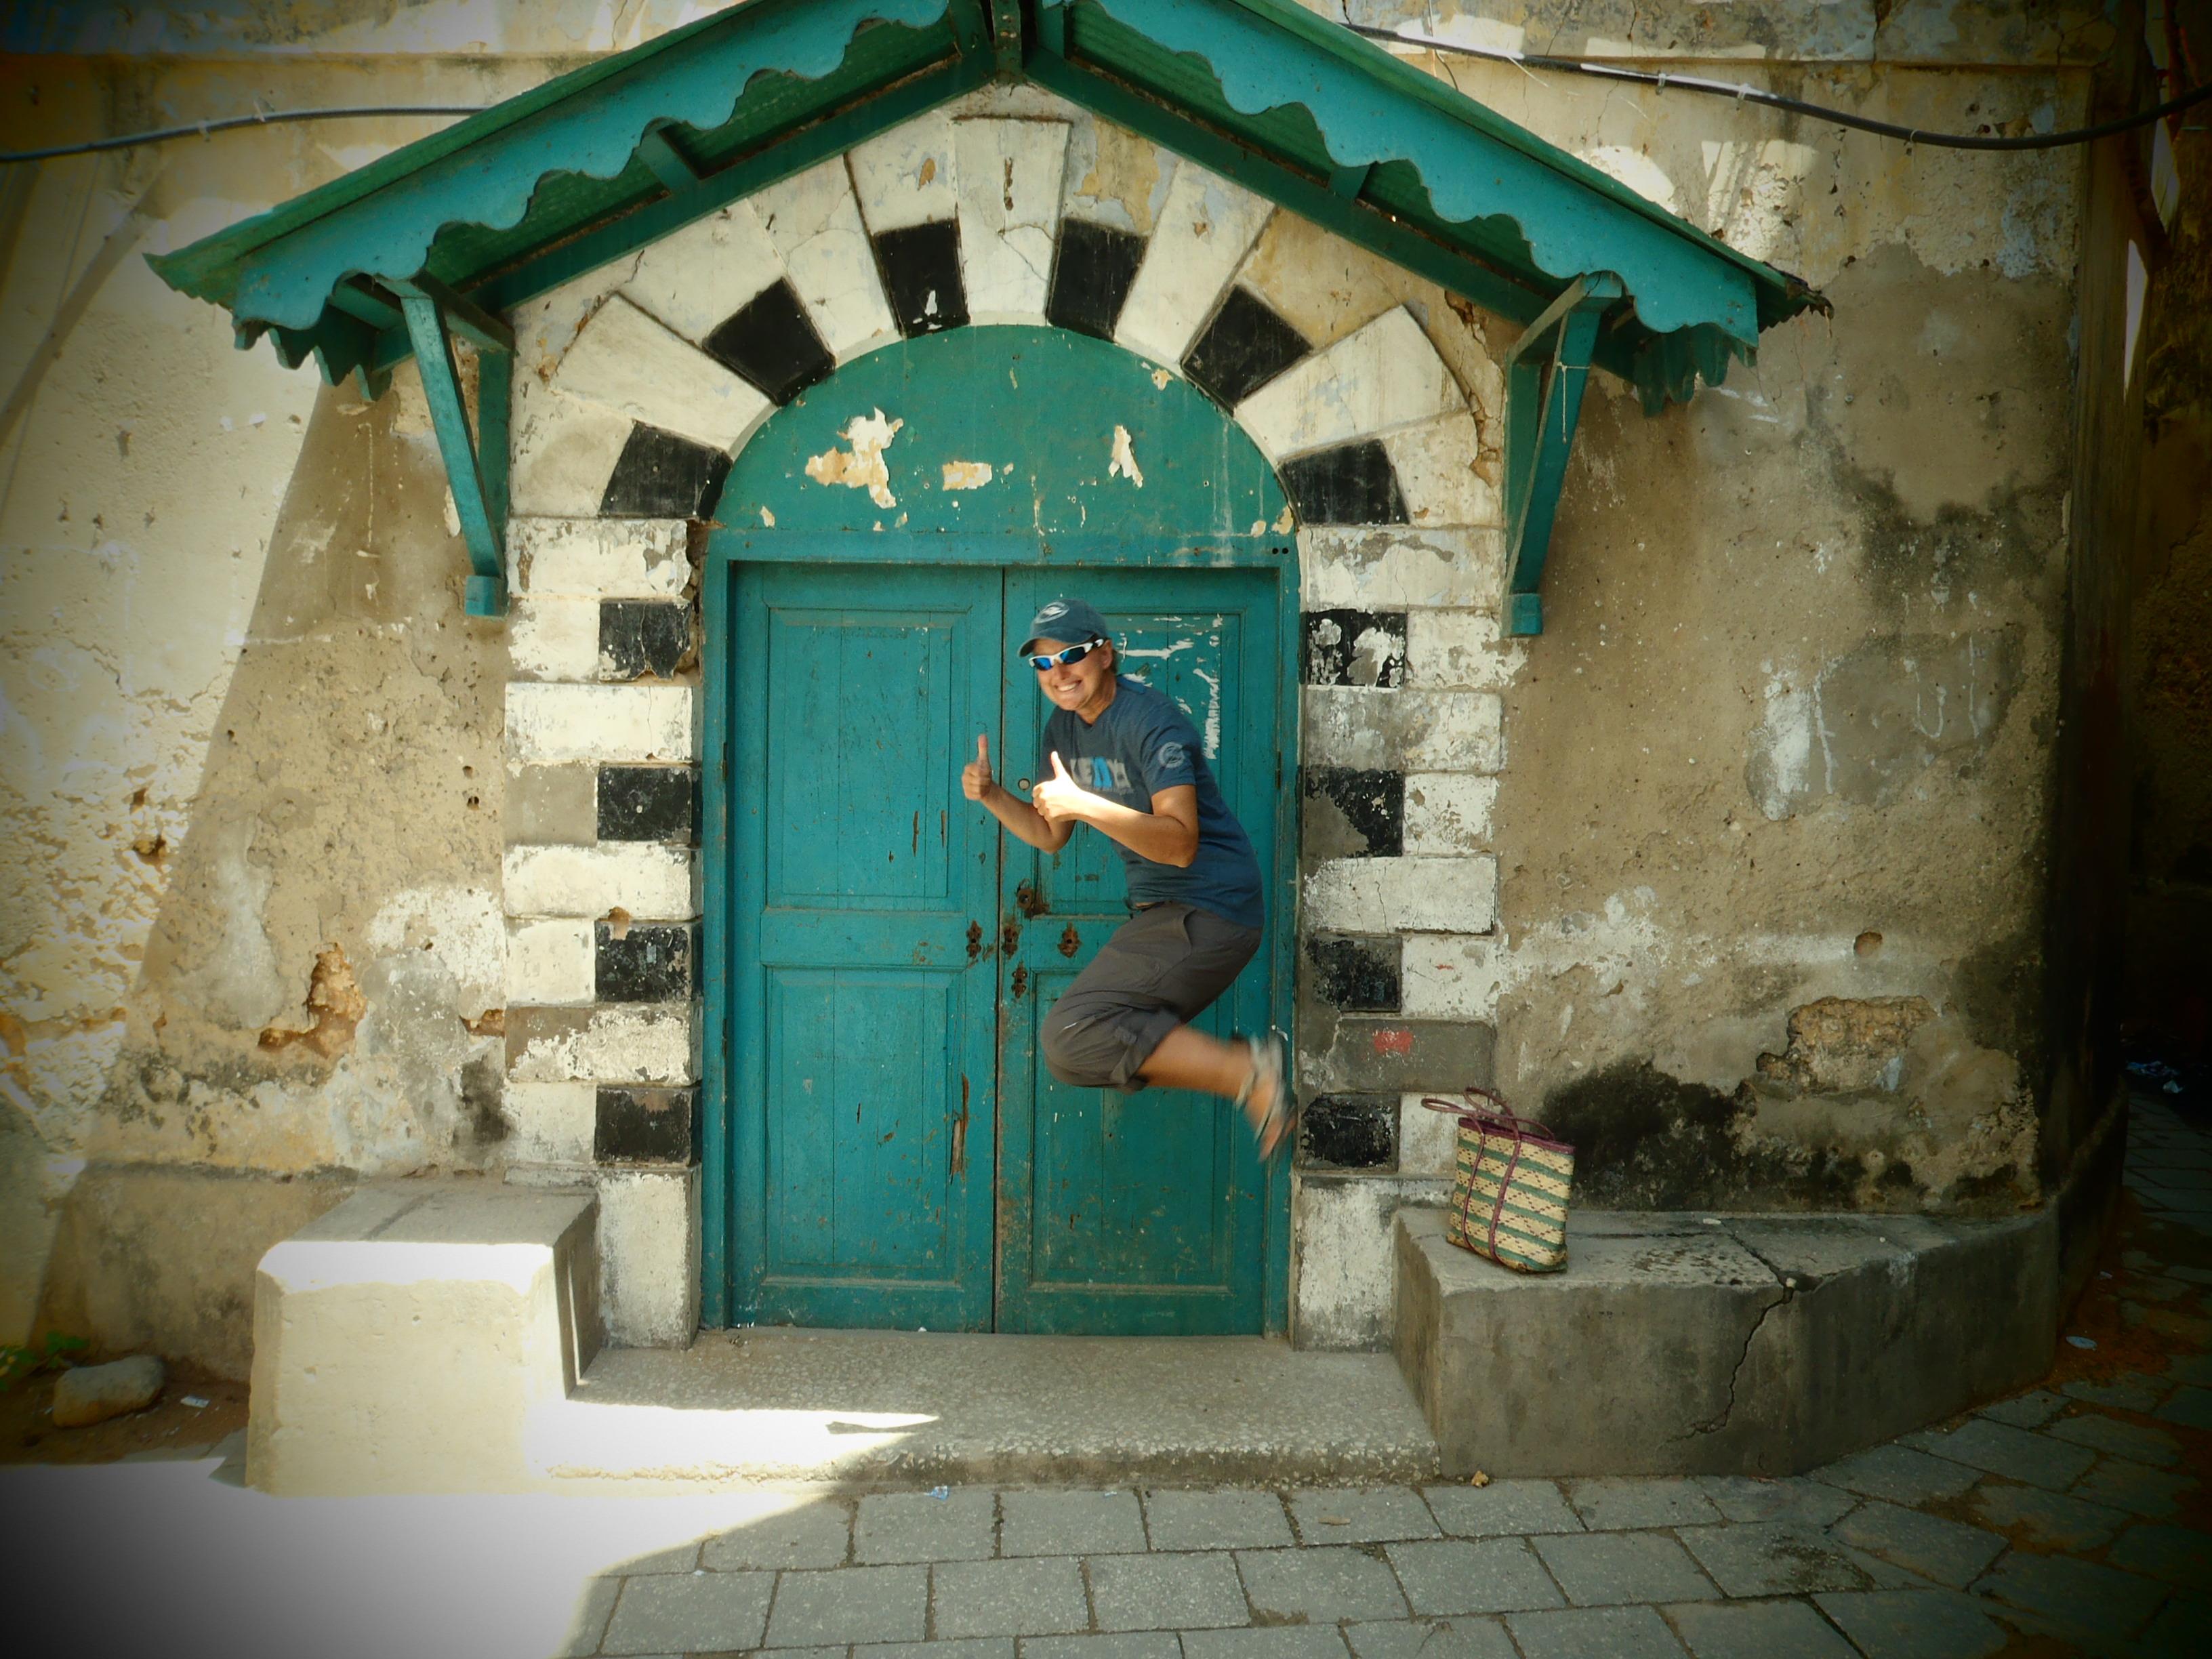 Signature Jumpin' Photograph; Stone Town, Zanzibar, Tanzania; 2012